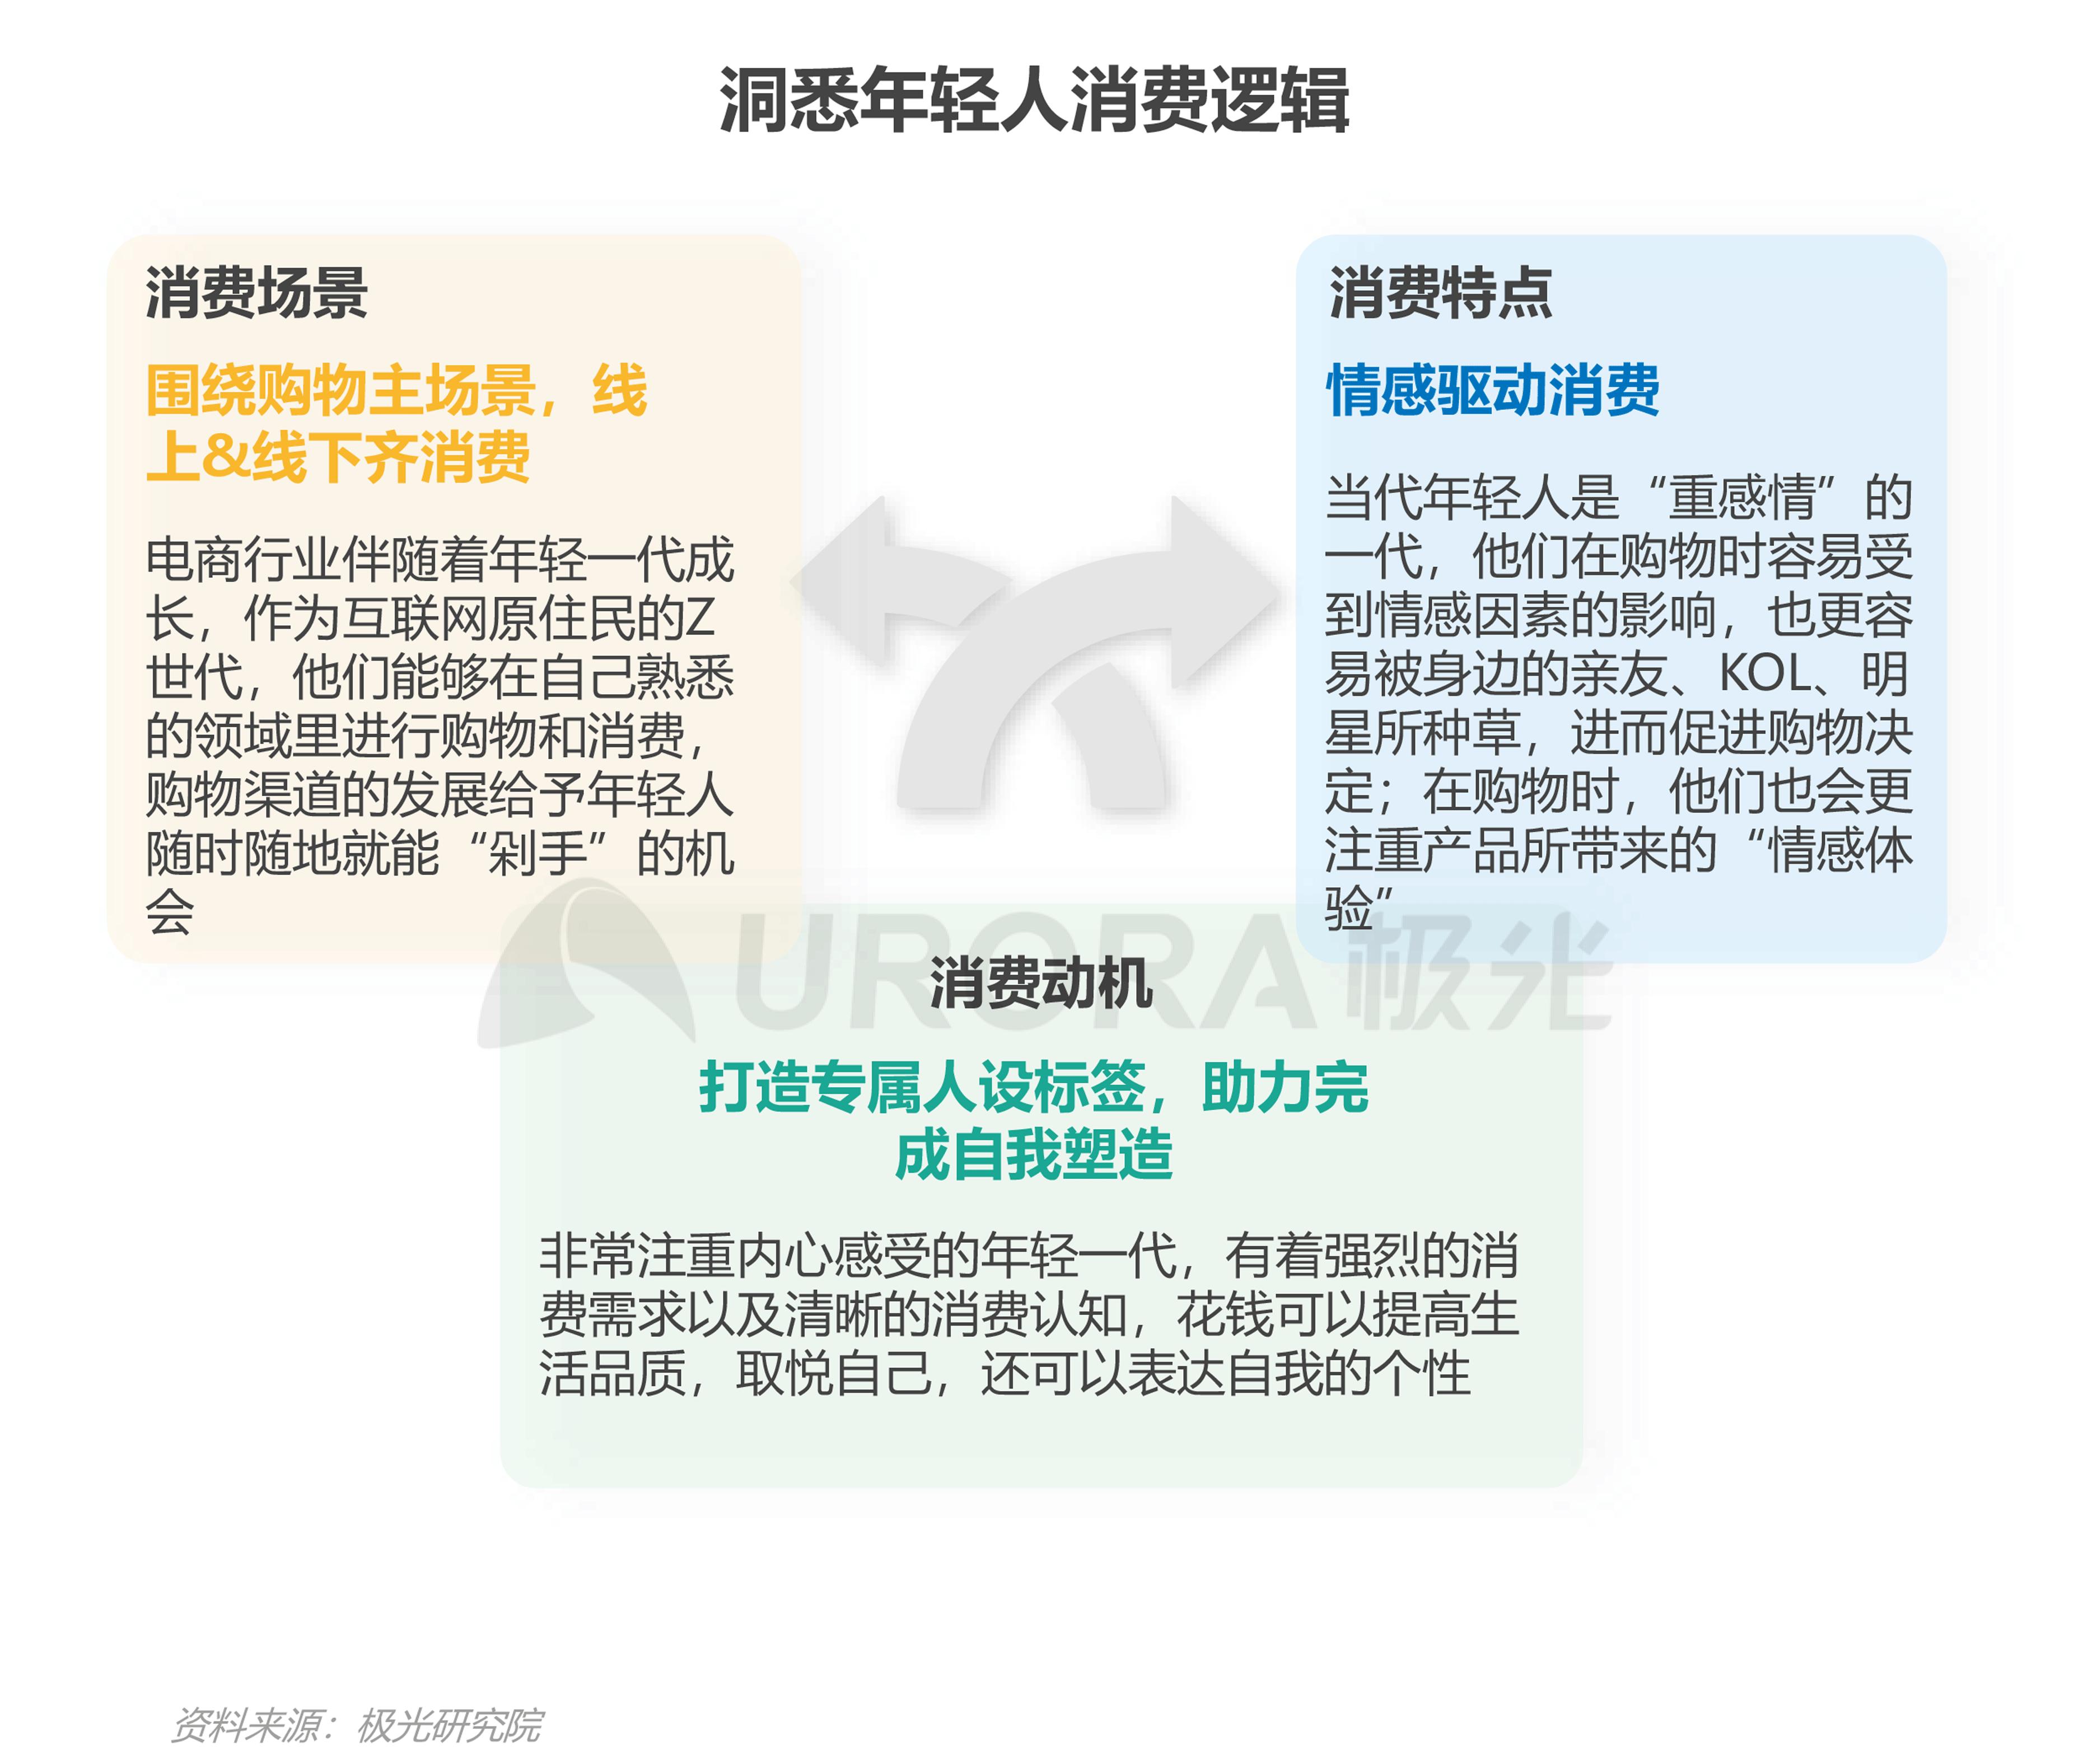 2021年轻人营销趋势研究报告【定稿】-28.png